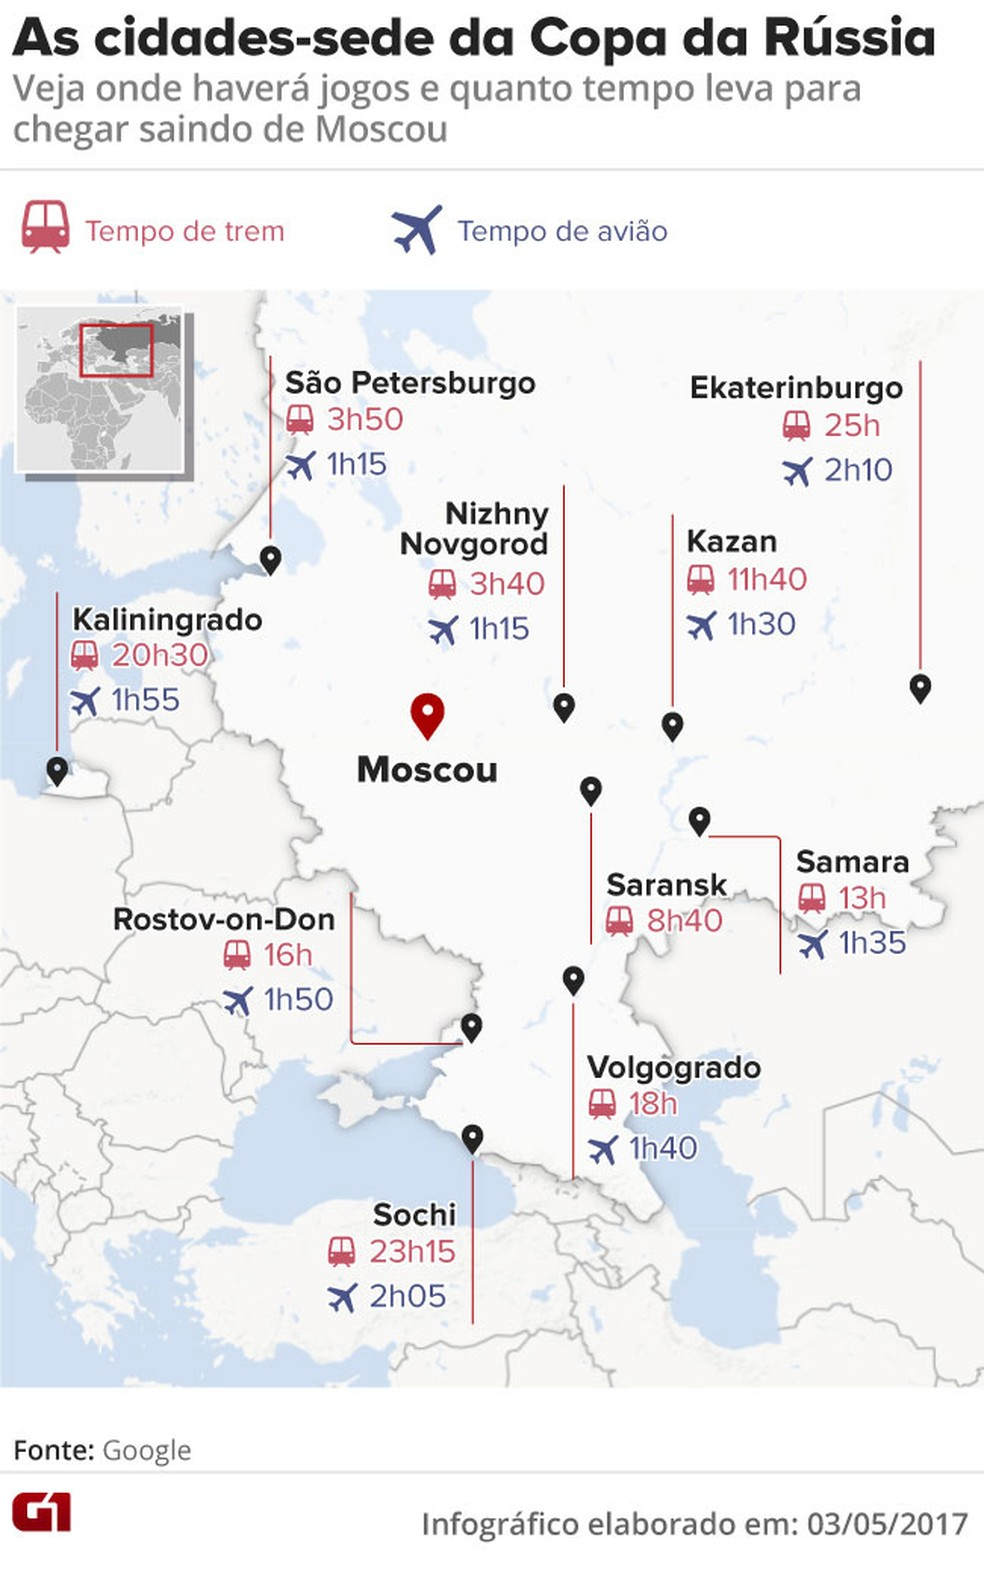 Mapa das cidades-sede da Copa do Mundo da Rússia 2018 (Foto: Editoria de arte/G1)